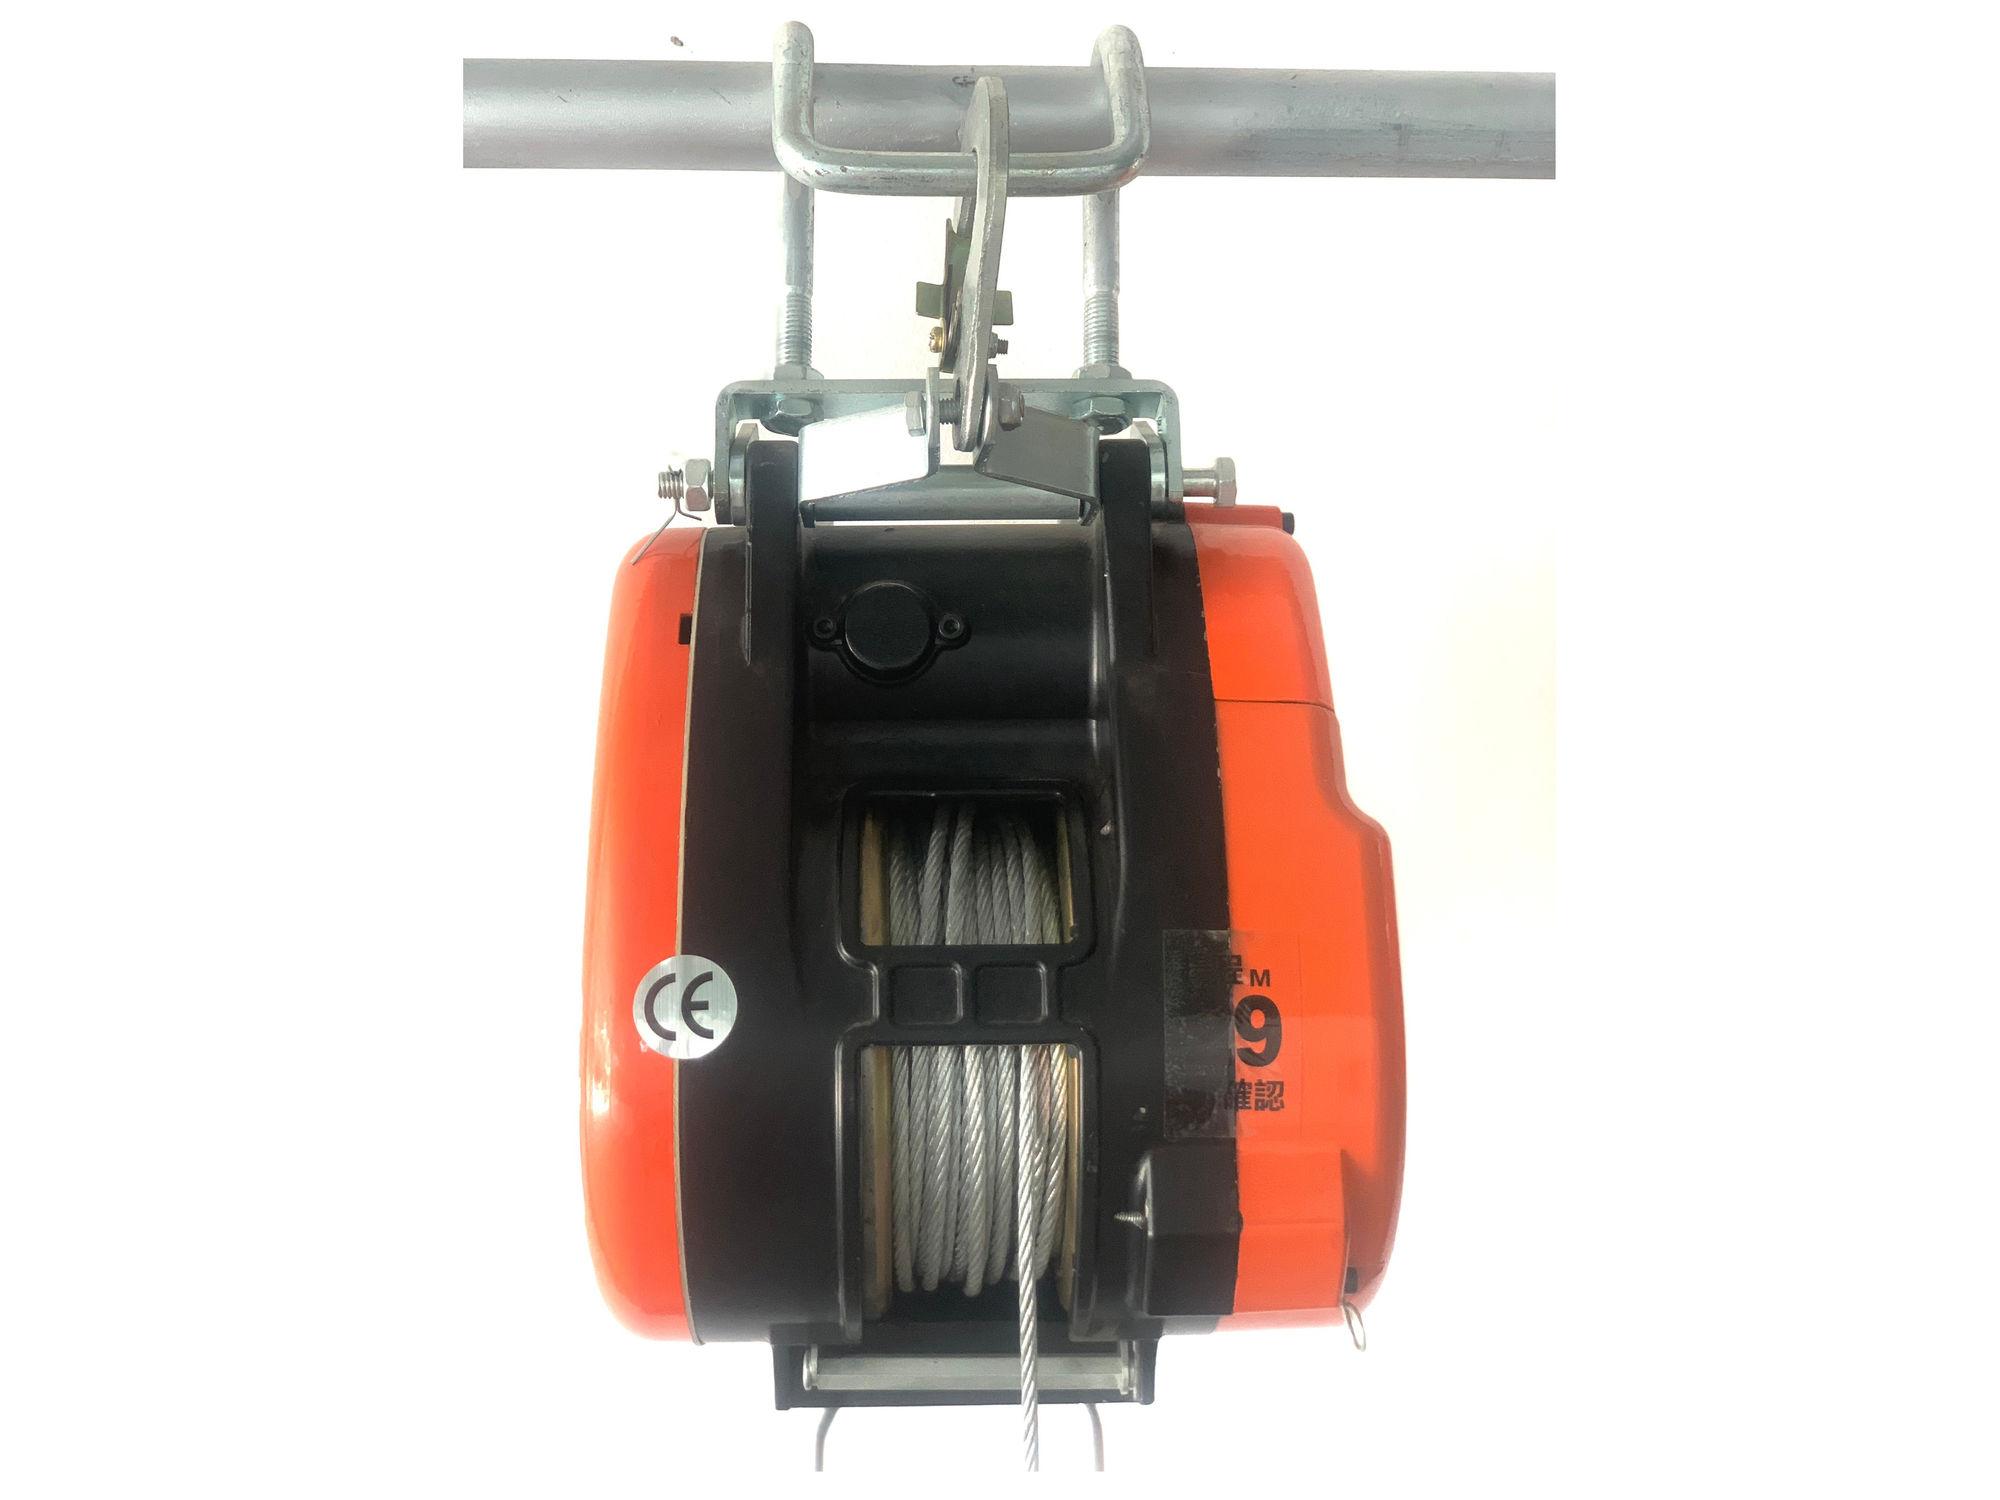 Tời điện nhanh Hoto SK 230N